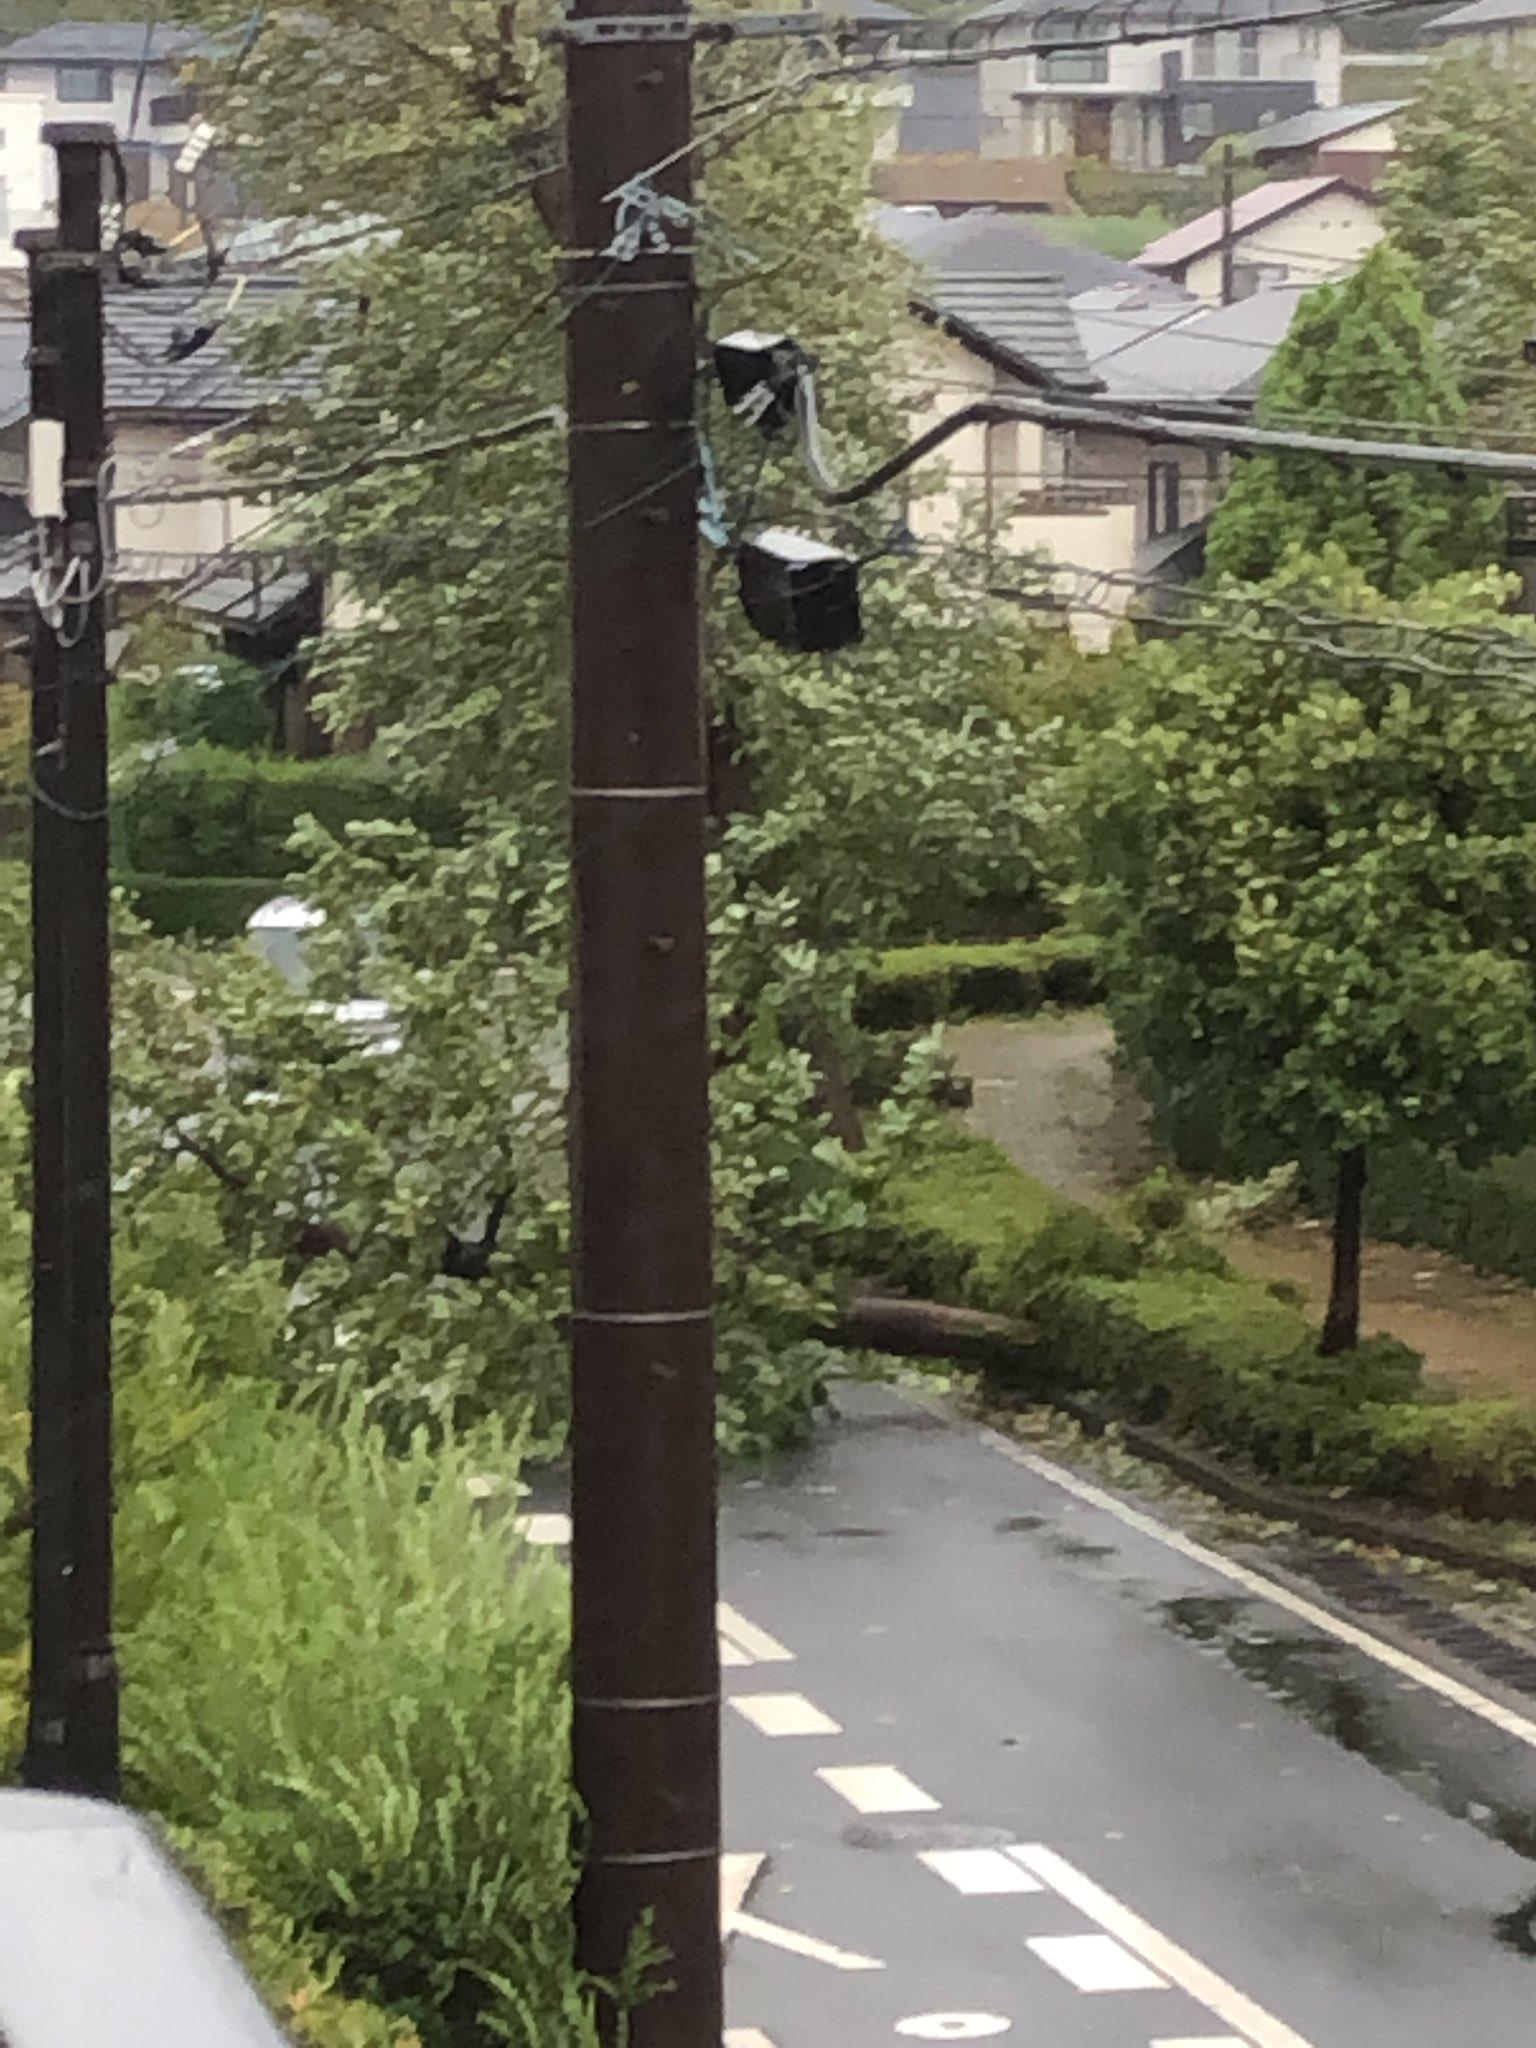 画像,佐倉市倒木で通行出来ません!#台風 https://t.co/yidLSDHxQs。